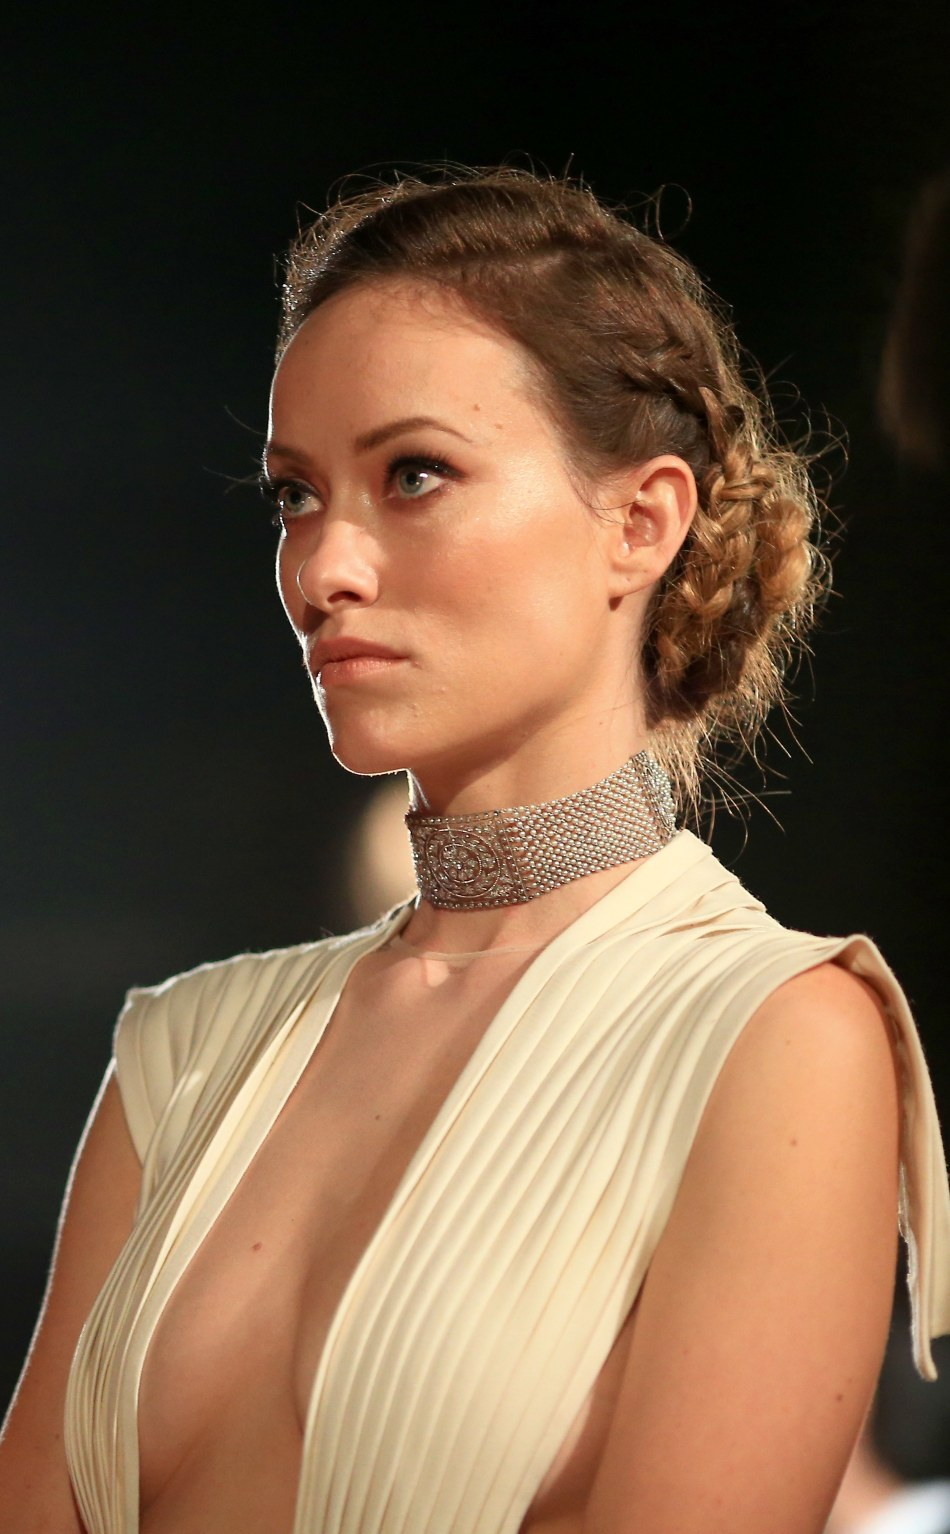 Alicia Principe